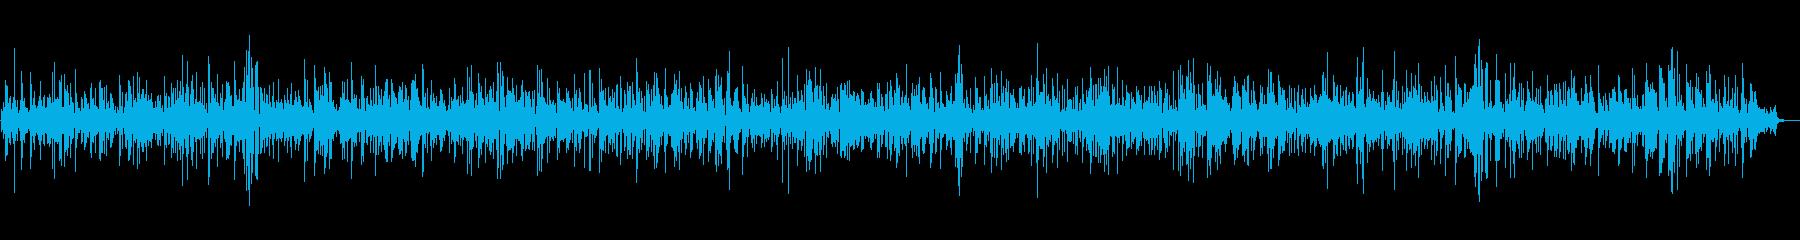 BARでしっとり聴く大人のジャズ|ピアノの再生済みの波形